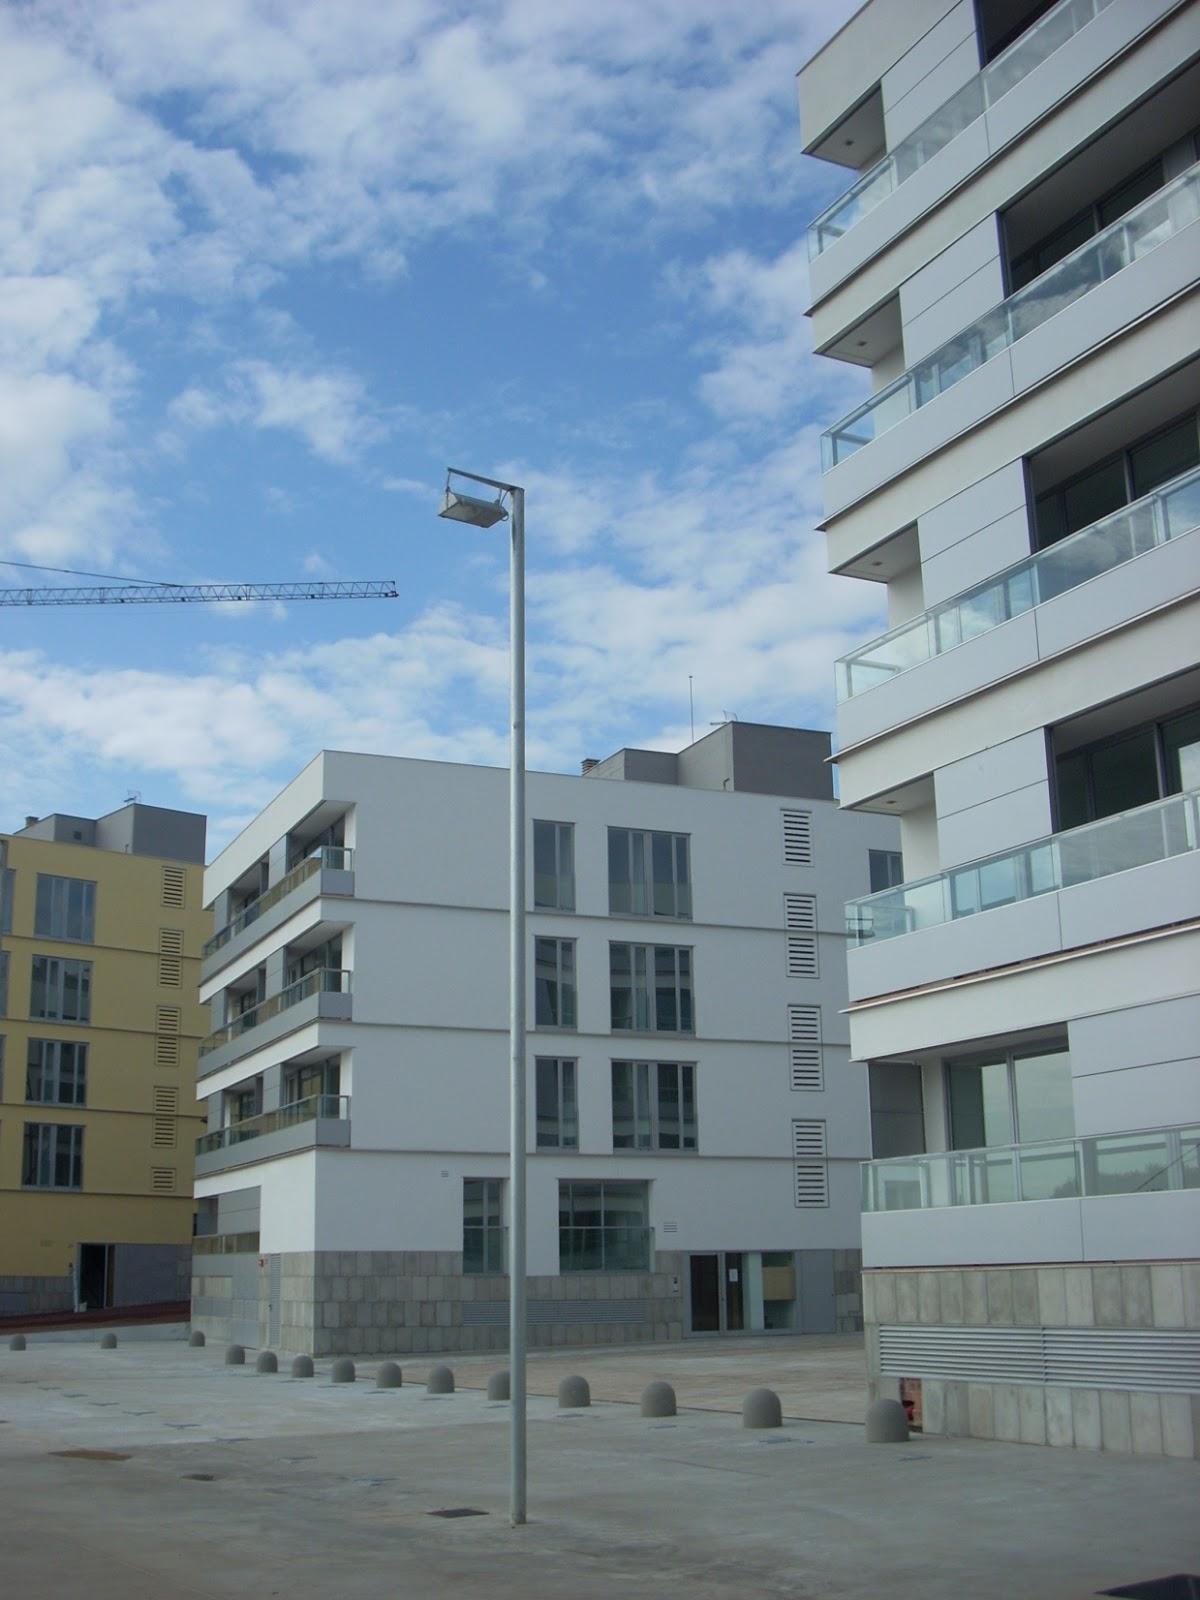 Pio cid terrassa social housing terrassa cataluna spain - Arquitectos terrassa ...